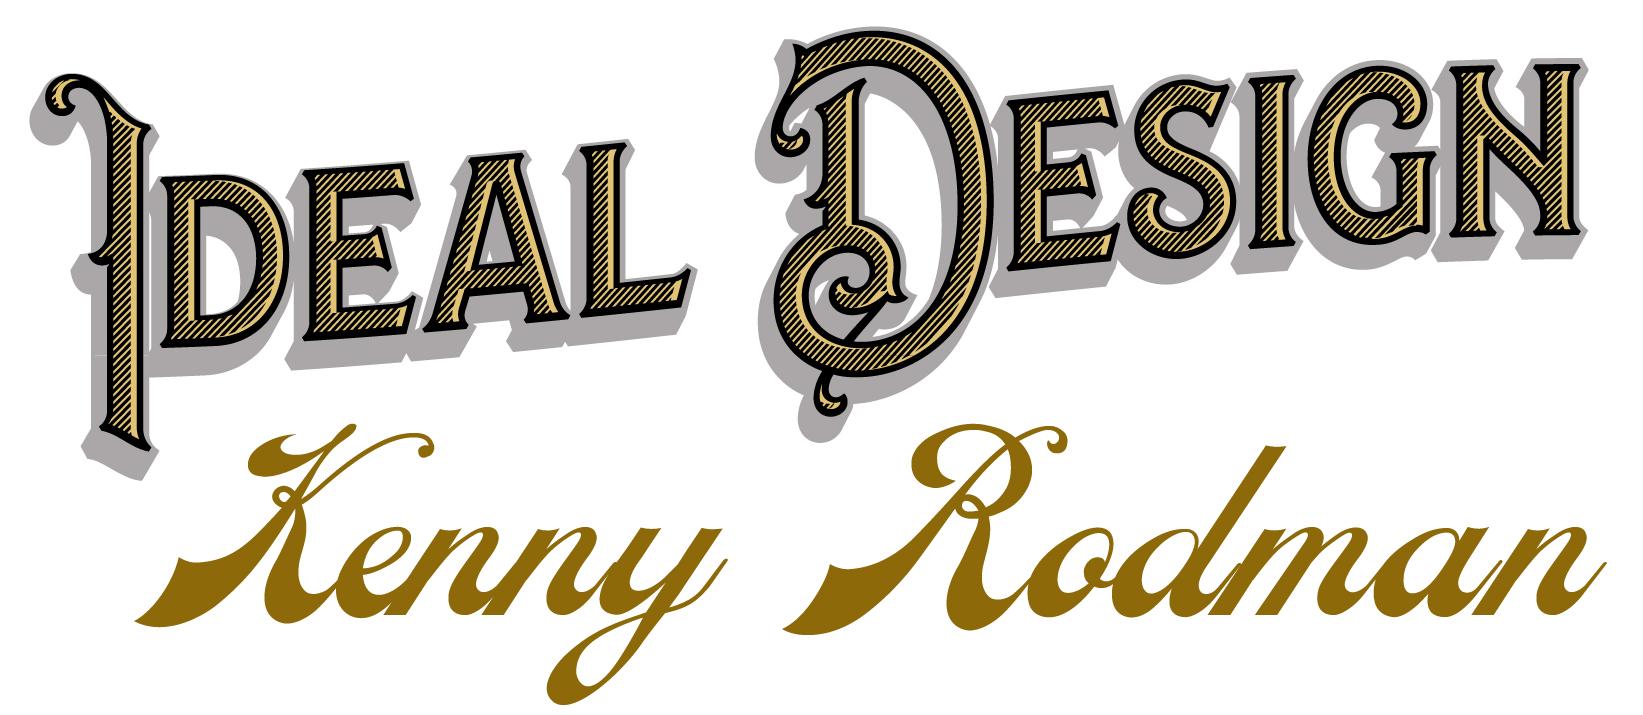 IdealDesign-KennyRodman.jpg